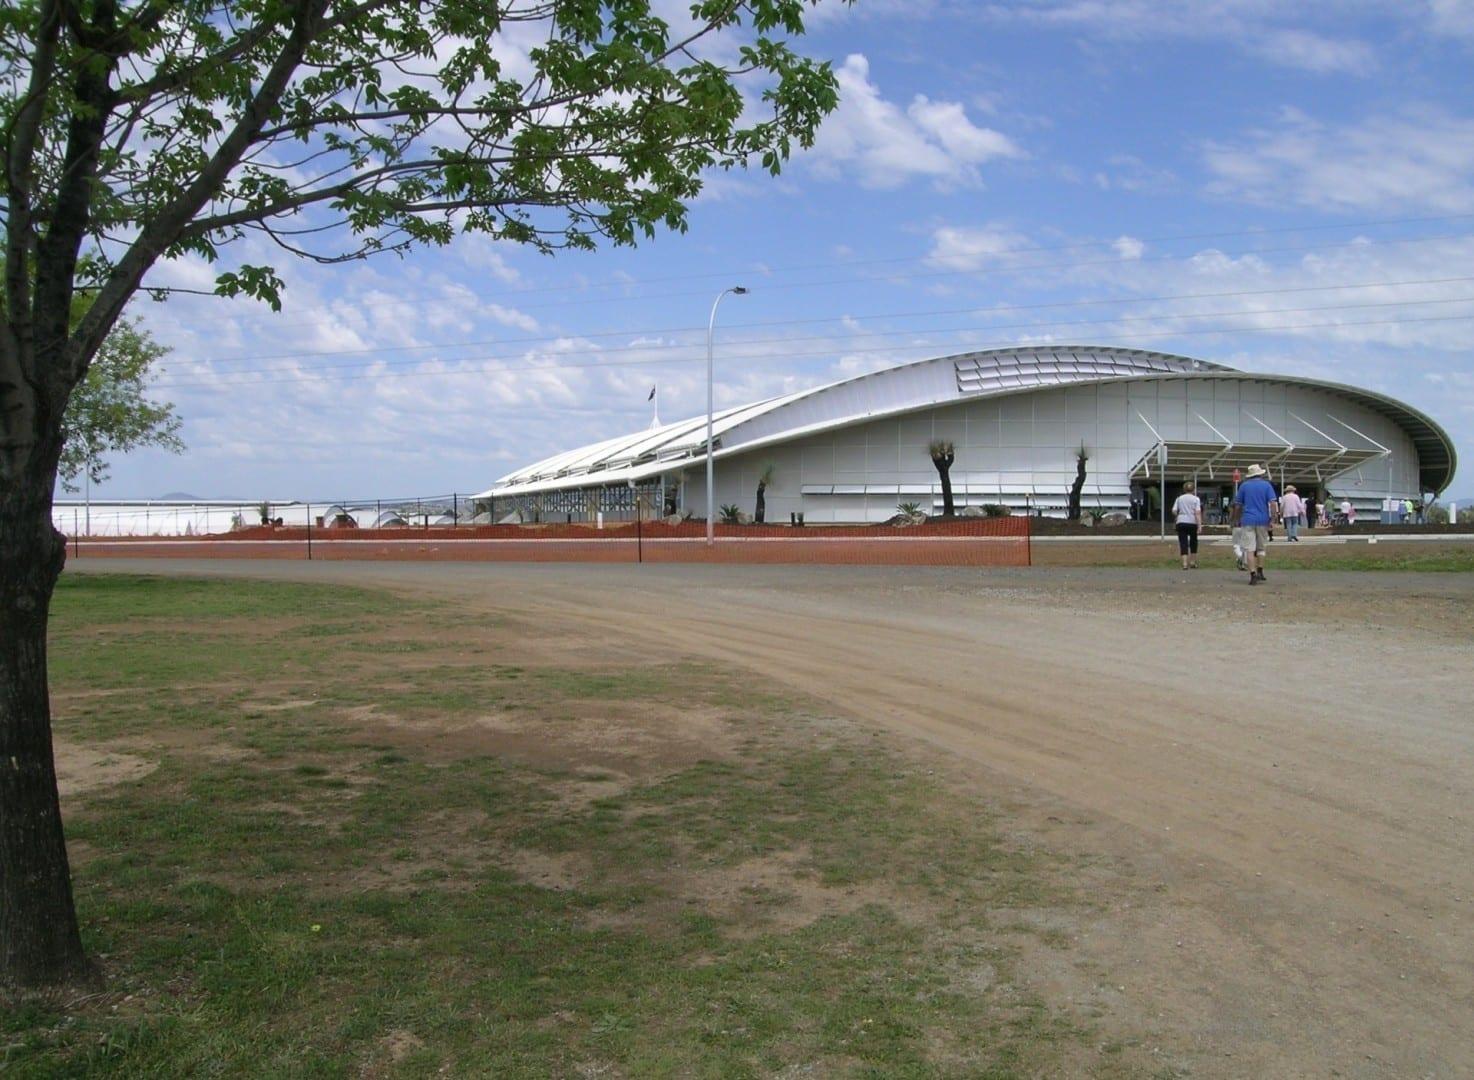 Centro Australiano de Acontecimientos Equinos y Ganaderos Tamworth, New South Wales Australia